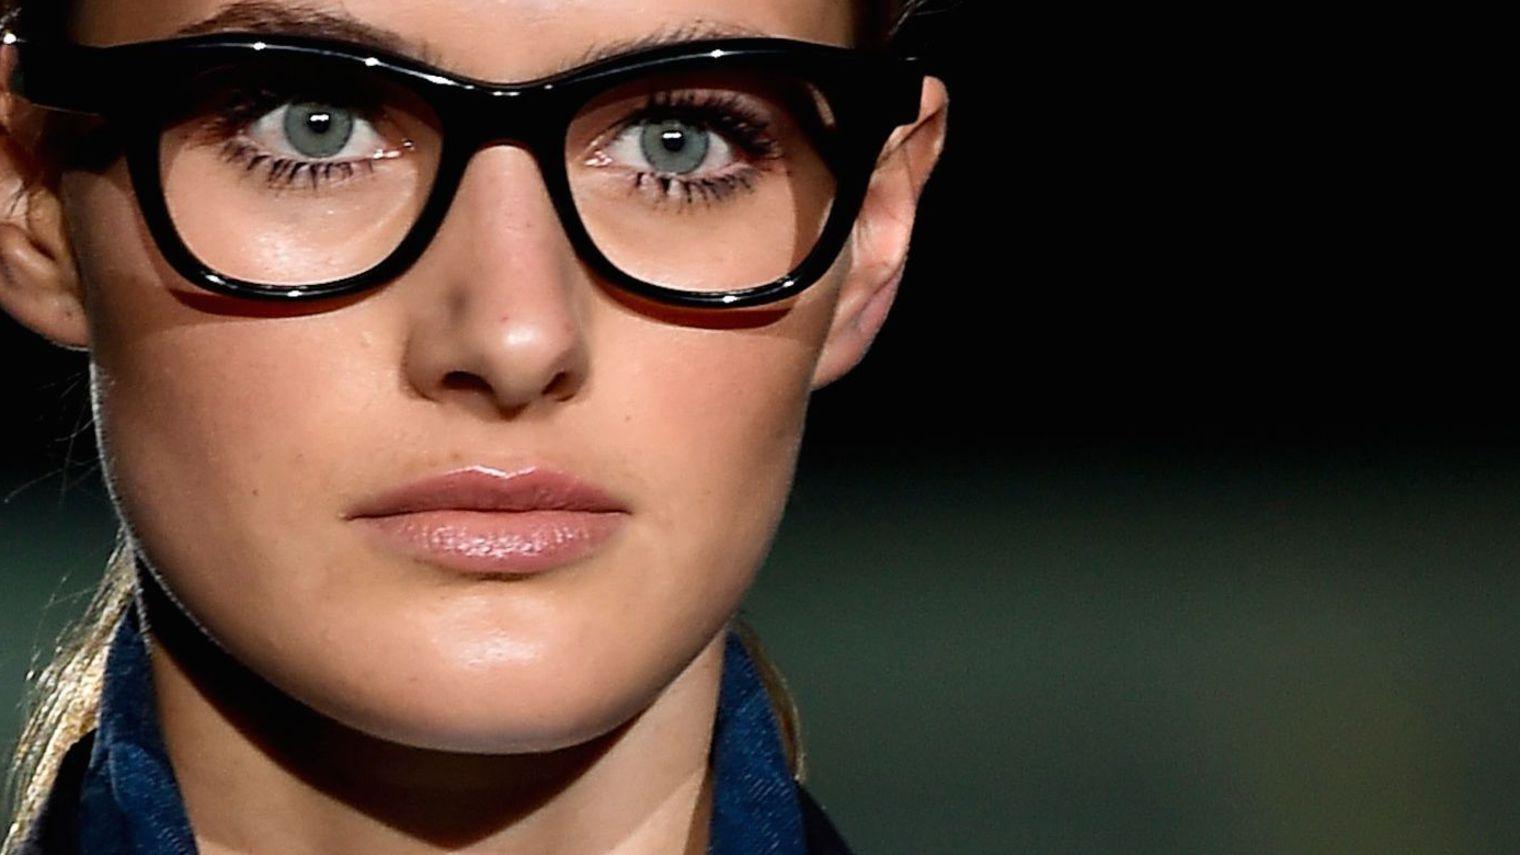 Bien mieux avec ces lunettes là